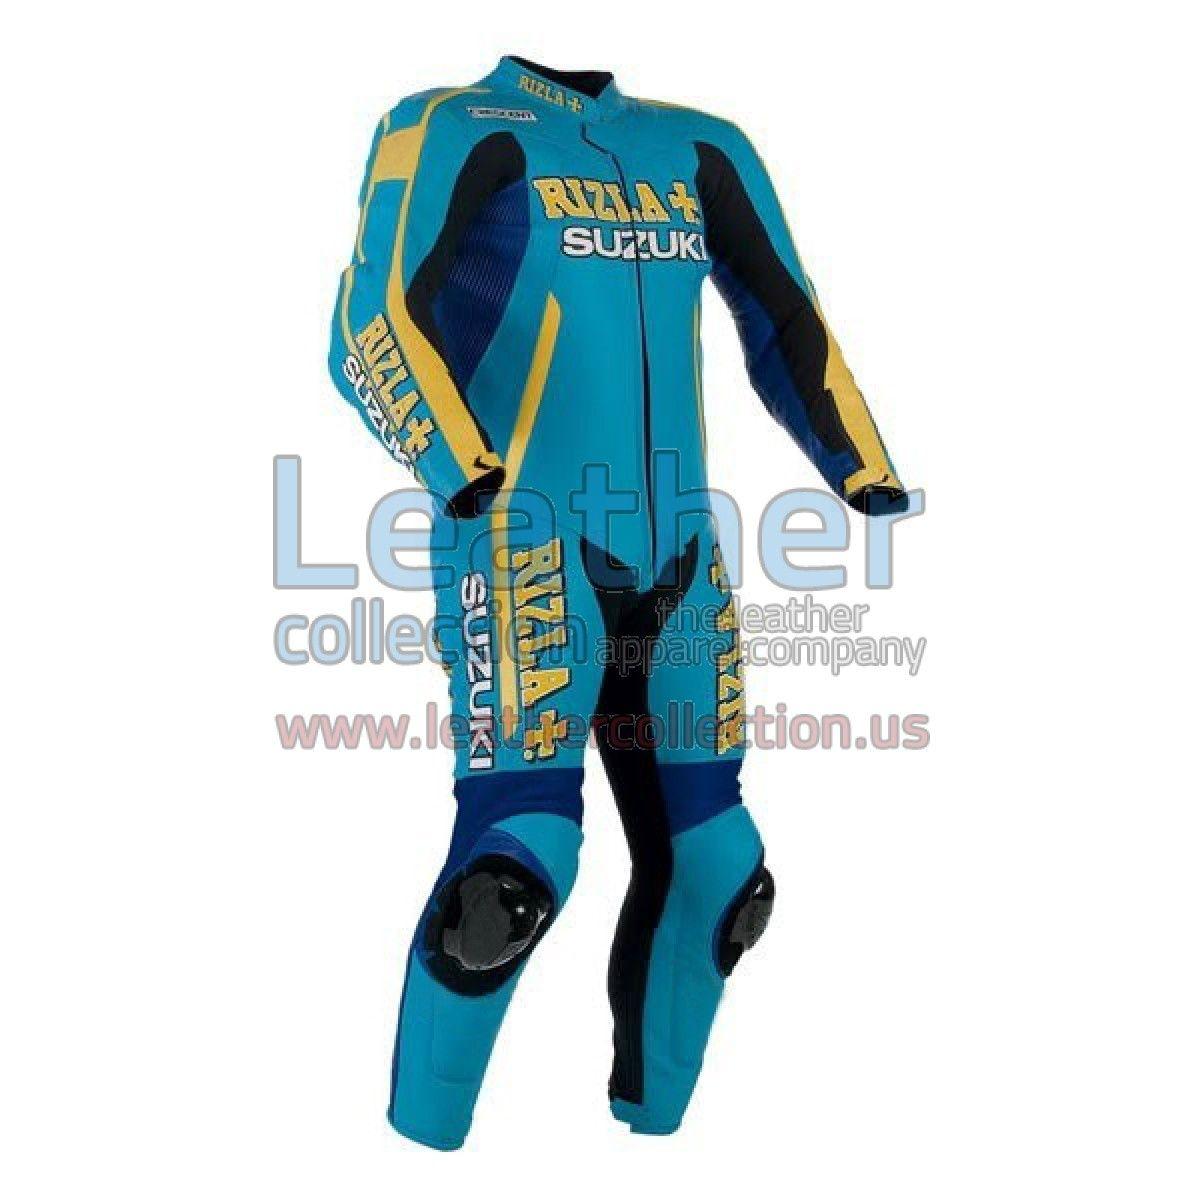 Rizla suzuki race leather suit available in 1 piece 2 piece https